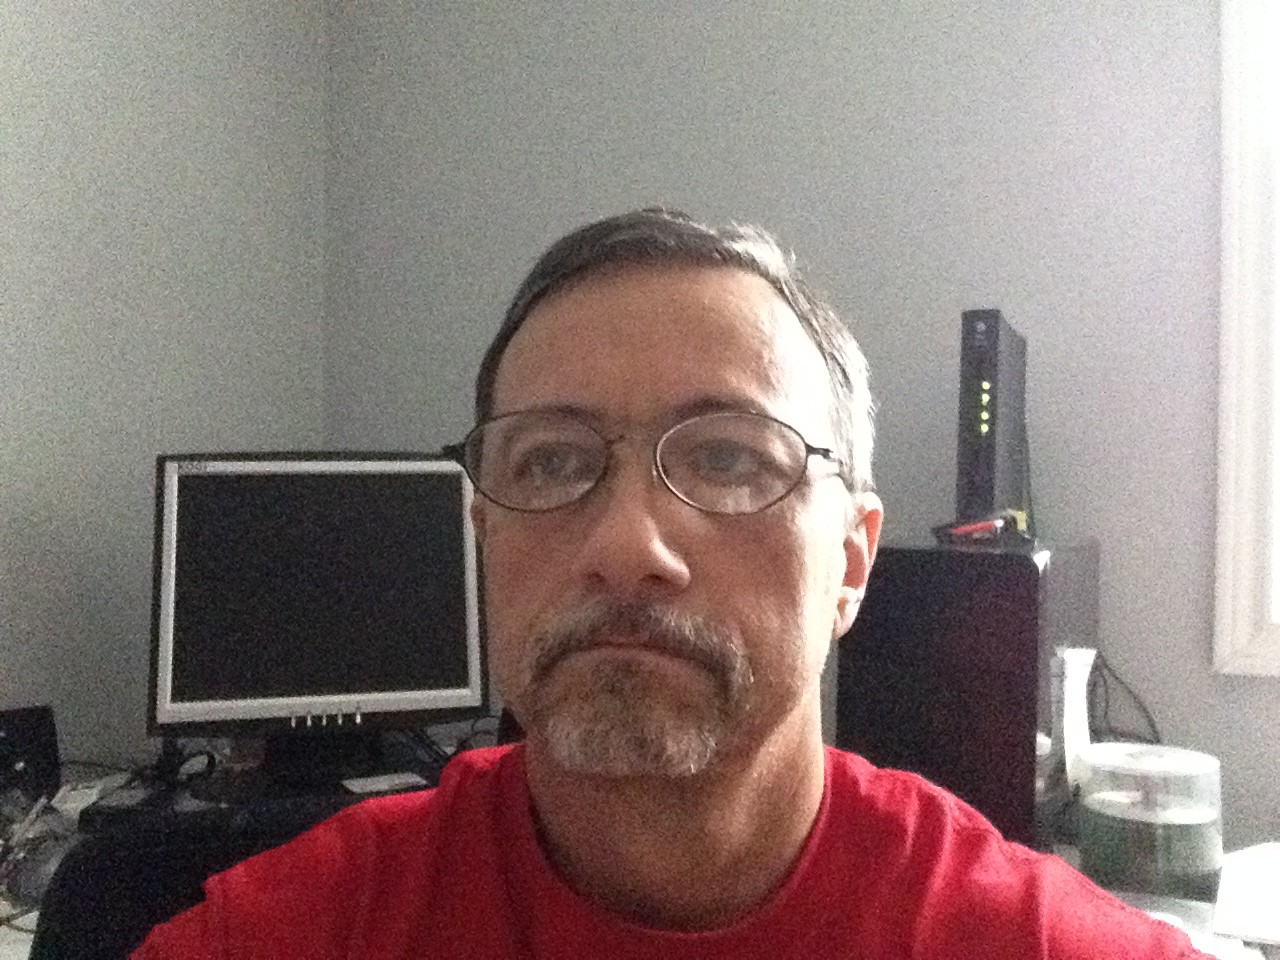 Paul H. testimonial for FFR Trading